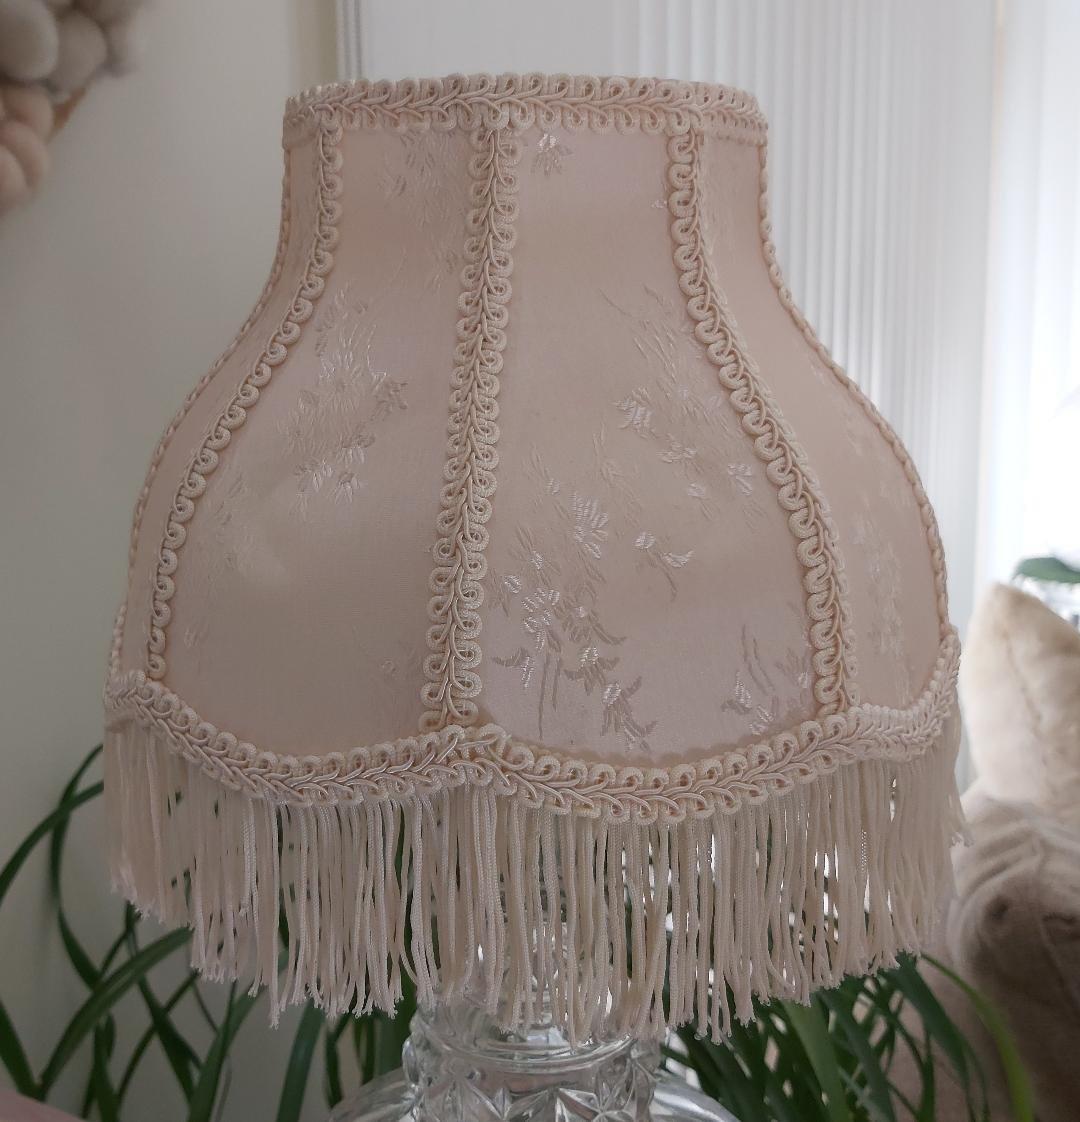 Cream Scallop Dome Lampshade with Fringe 5¼ x 9½ x 7 x 4½ (Slip UNO Fitter)!